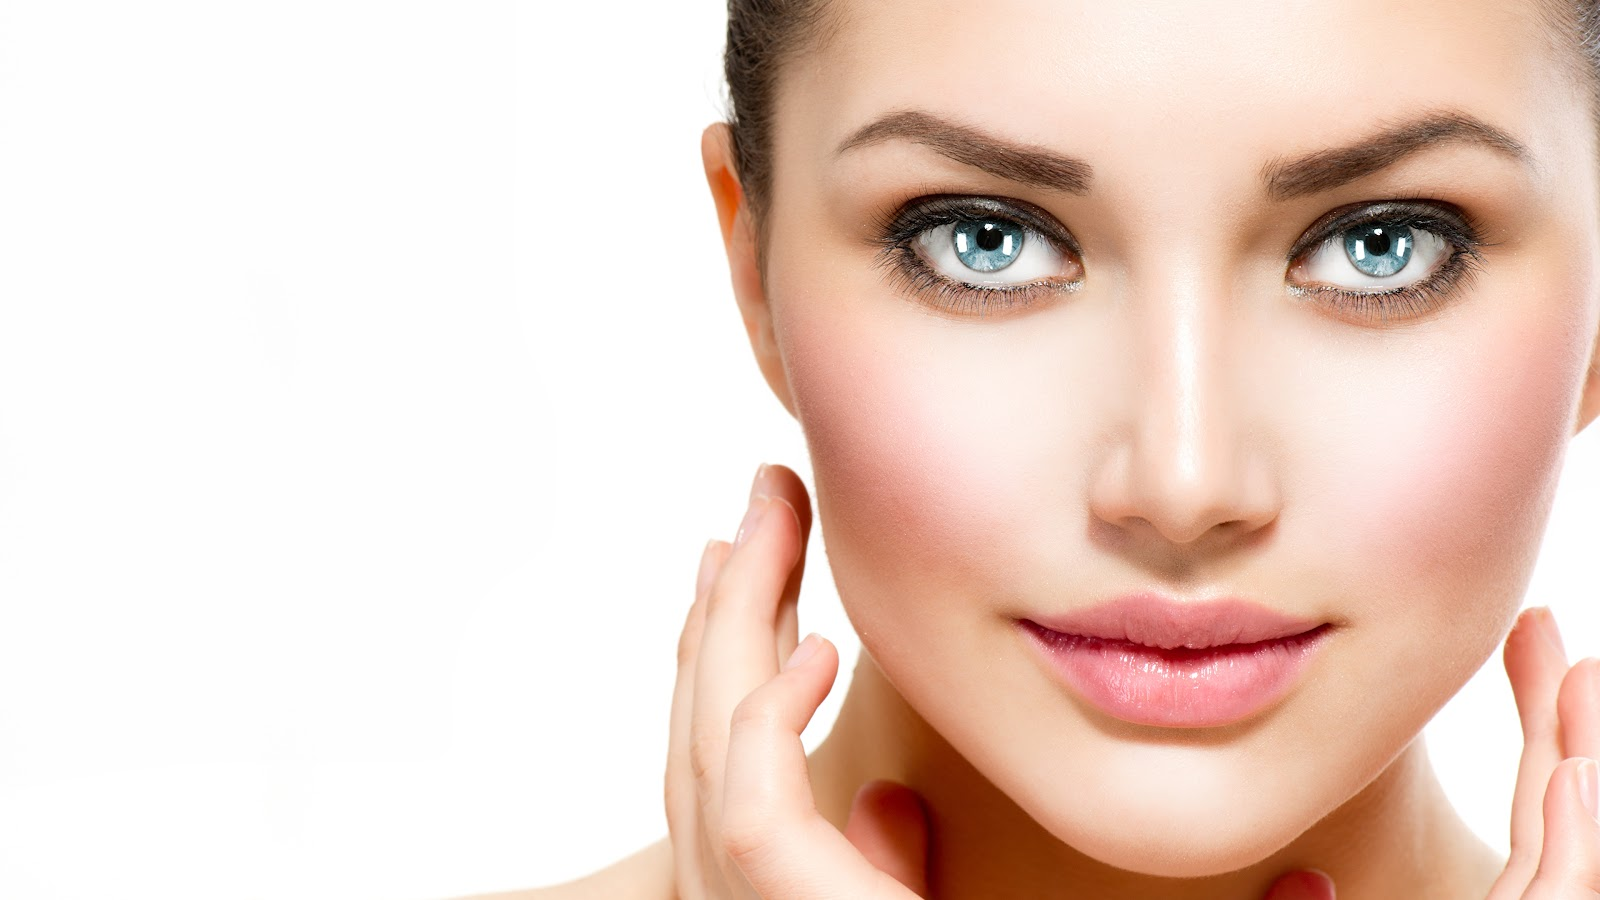 Картинка девушка Макияж носа Лицо красивая Губы Взгляд 3840x2160